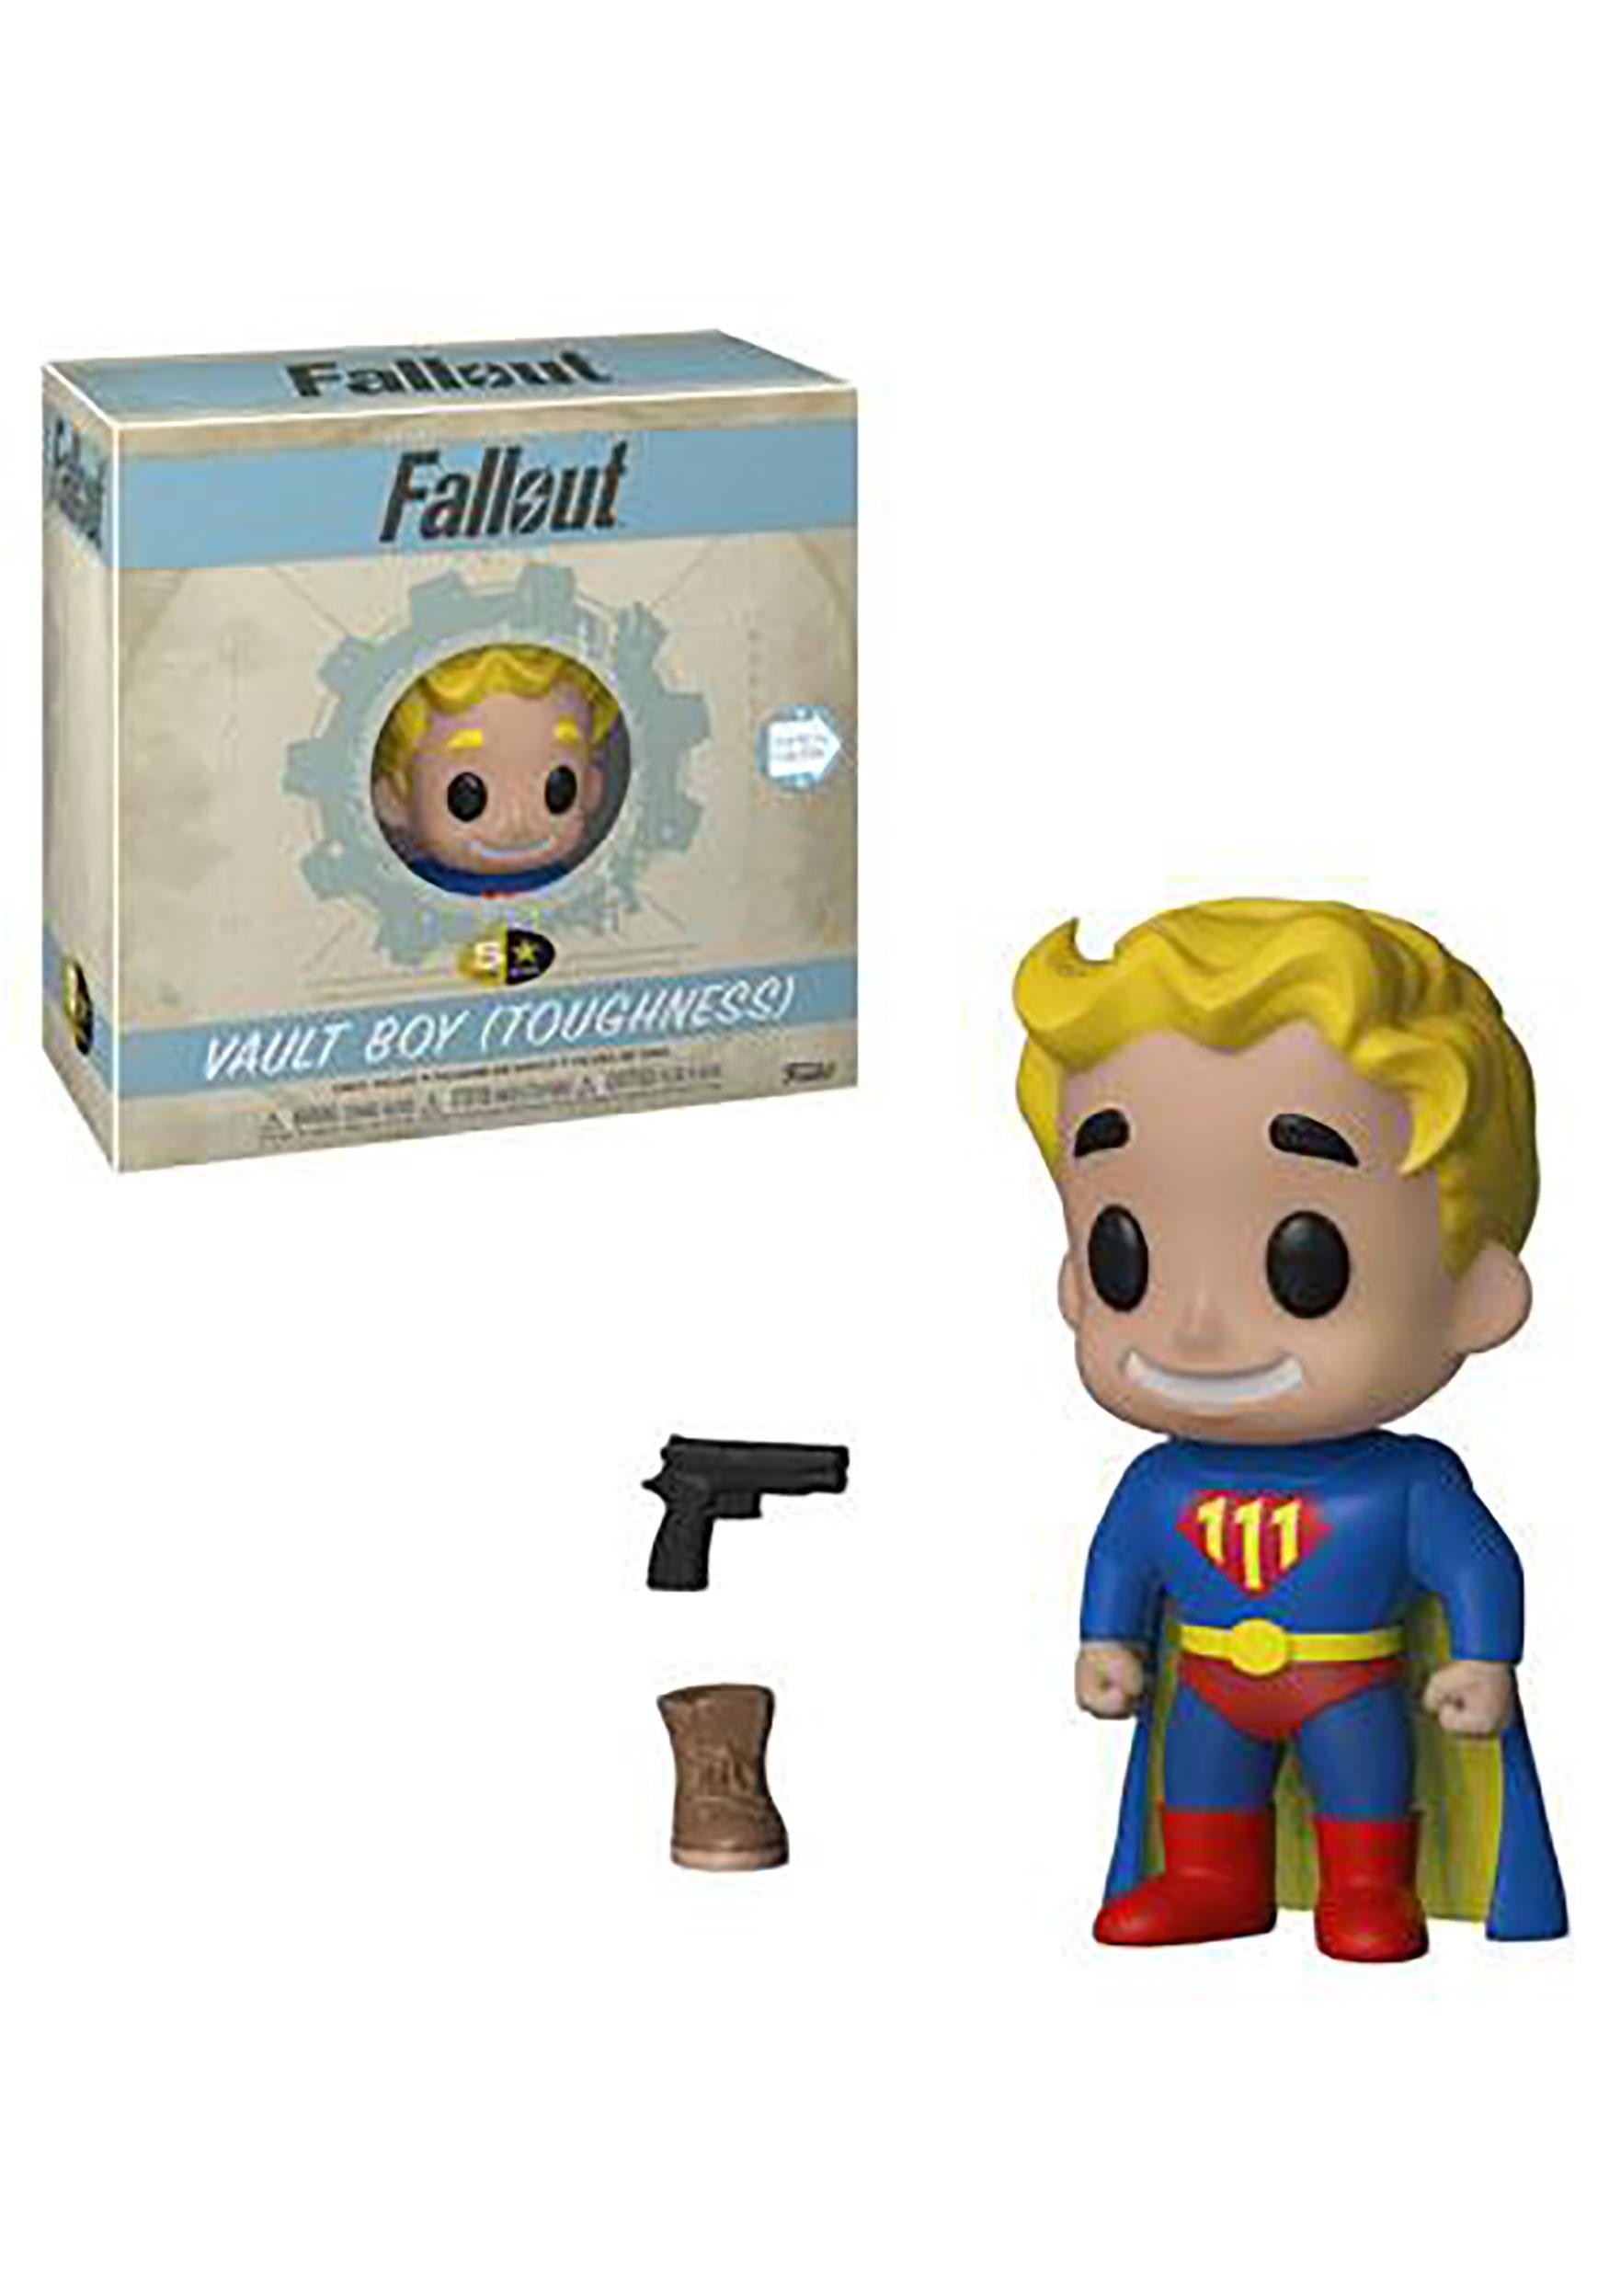 5 Star: Vault Boy Toughness- Fallout